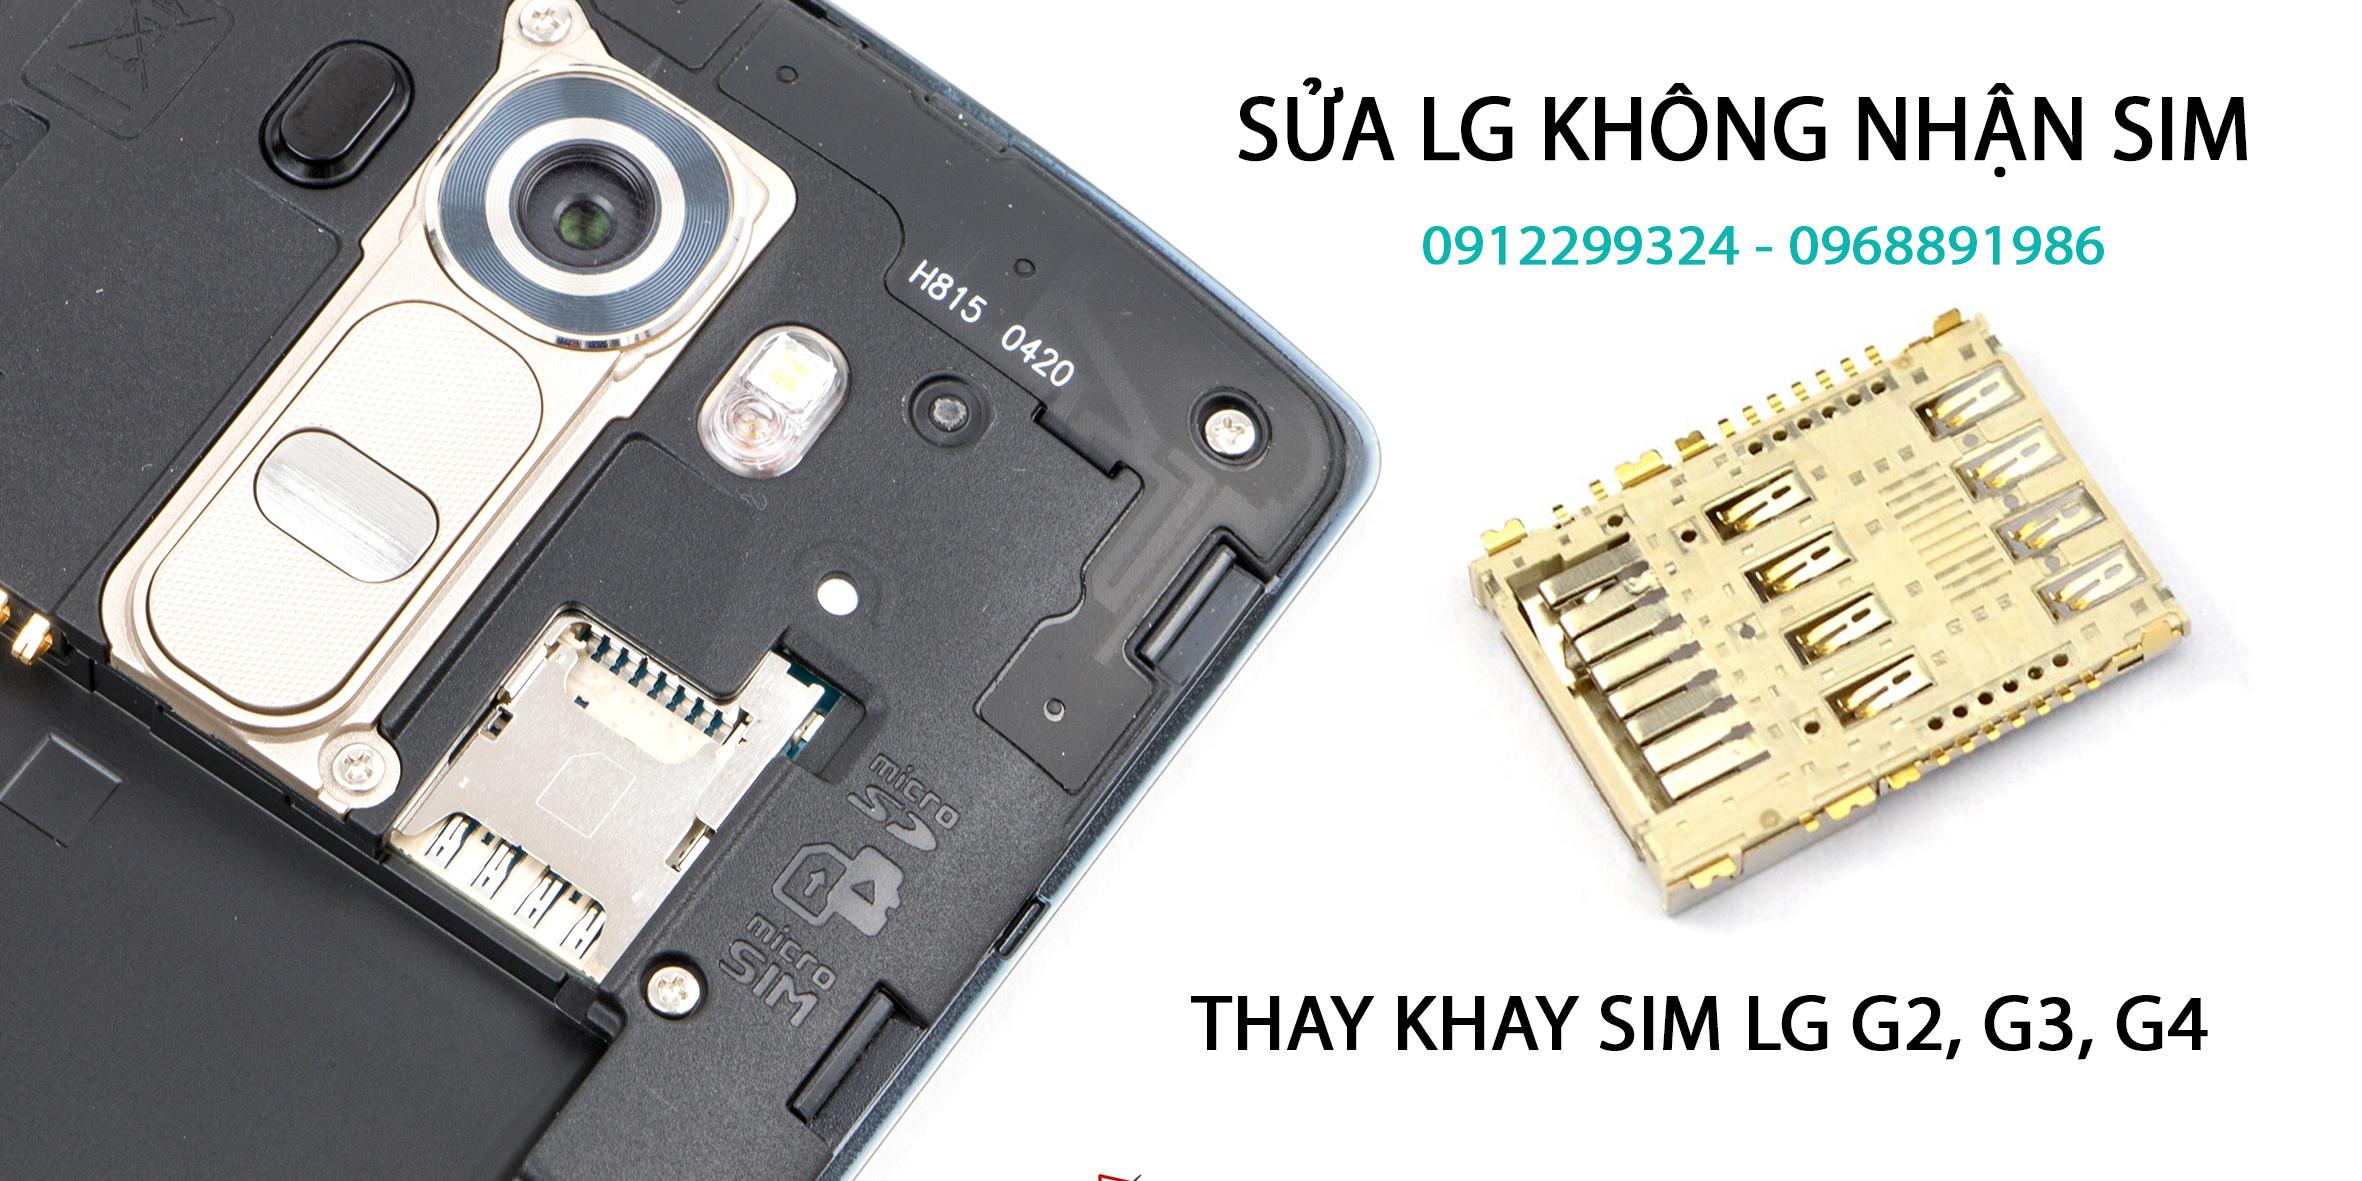 Sửa chữa điện thoại LG G2,G3,G4,F180,F240,F320...không nhận sim